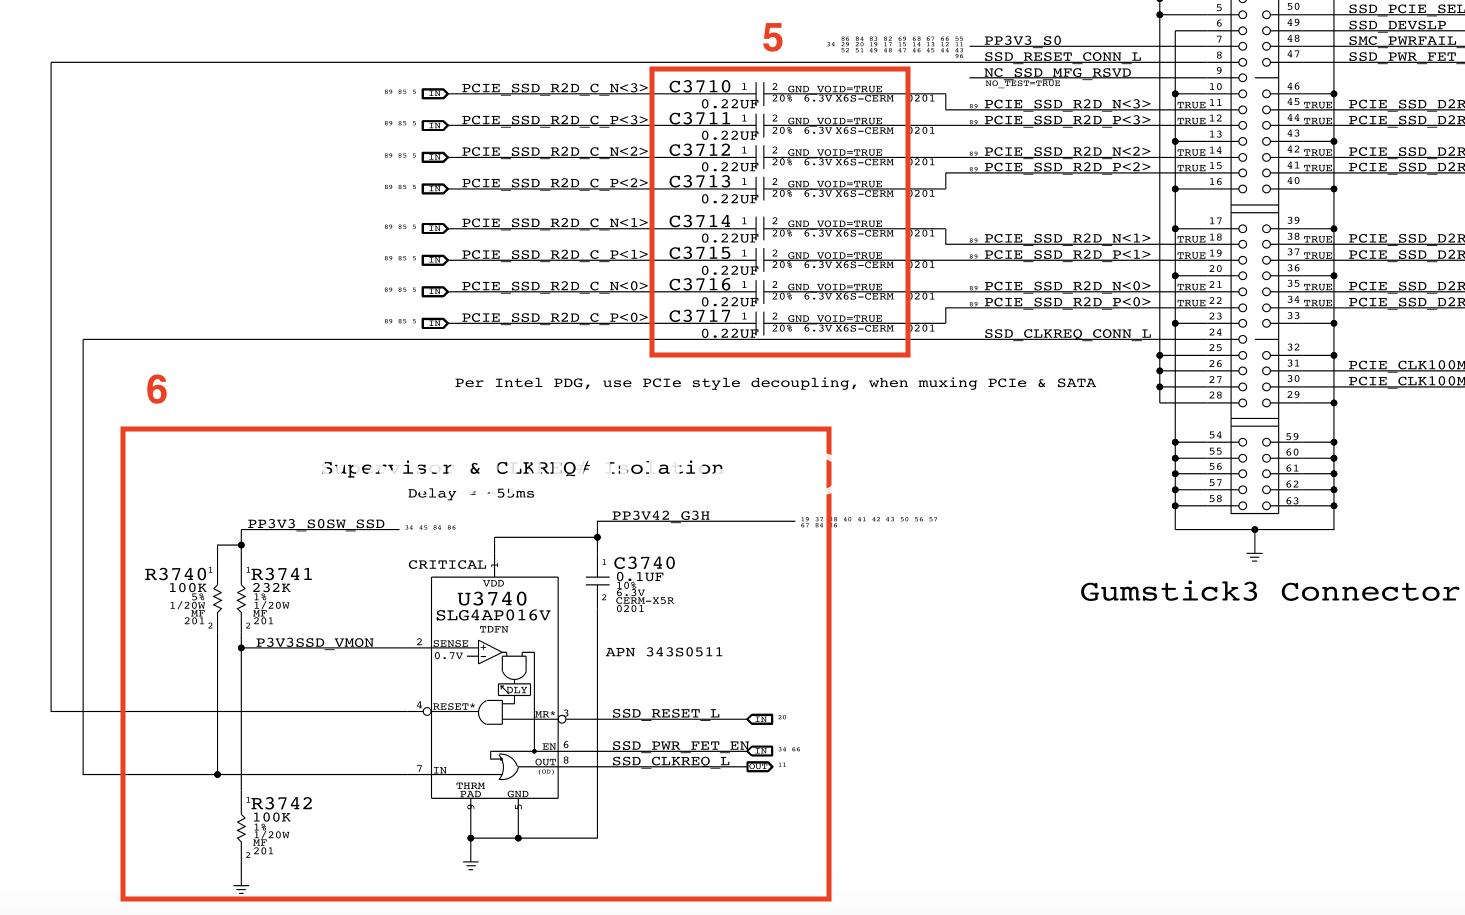 ripristino macbook pro 15 A1398 non si avvia dopo aggiornamento mojave catalina errore VDH002 820-00163 820-00138